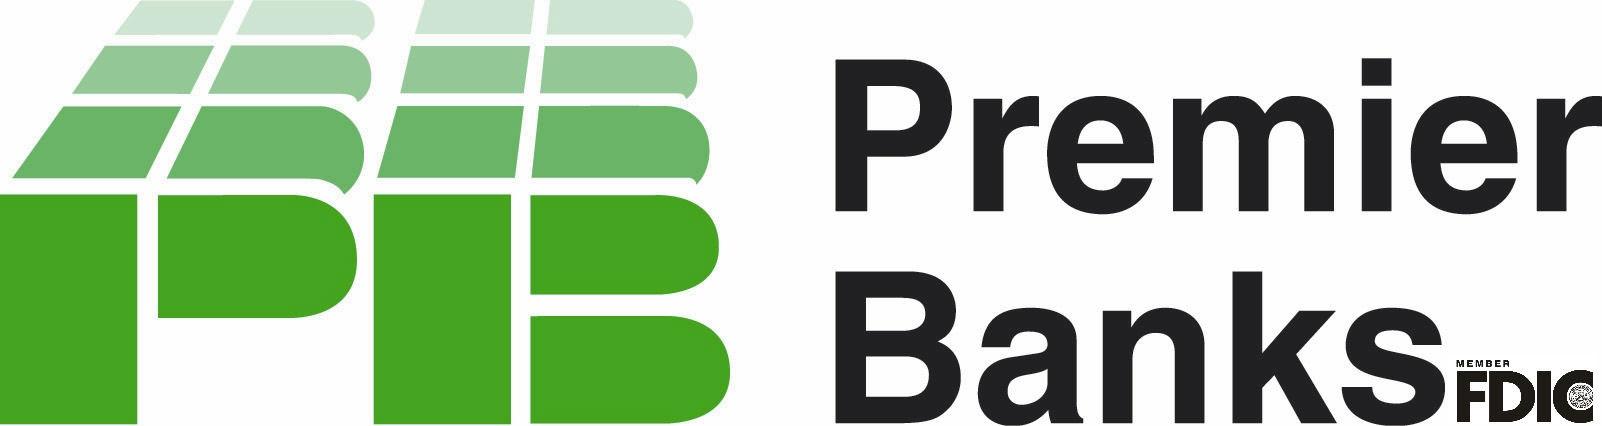 PremierBank-low-res.jpg